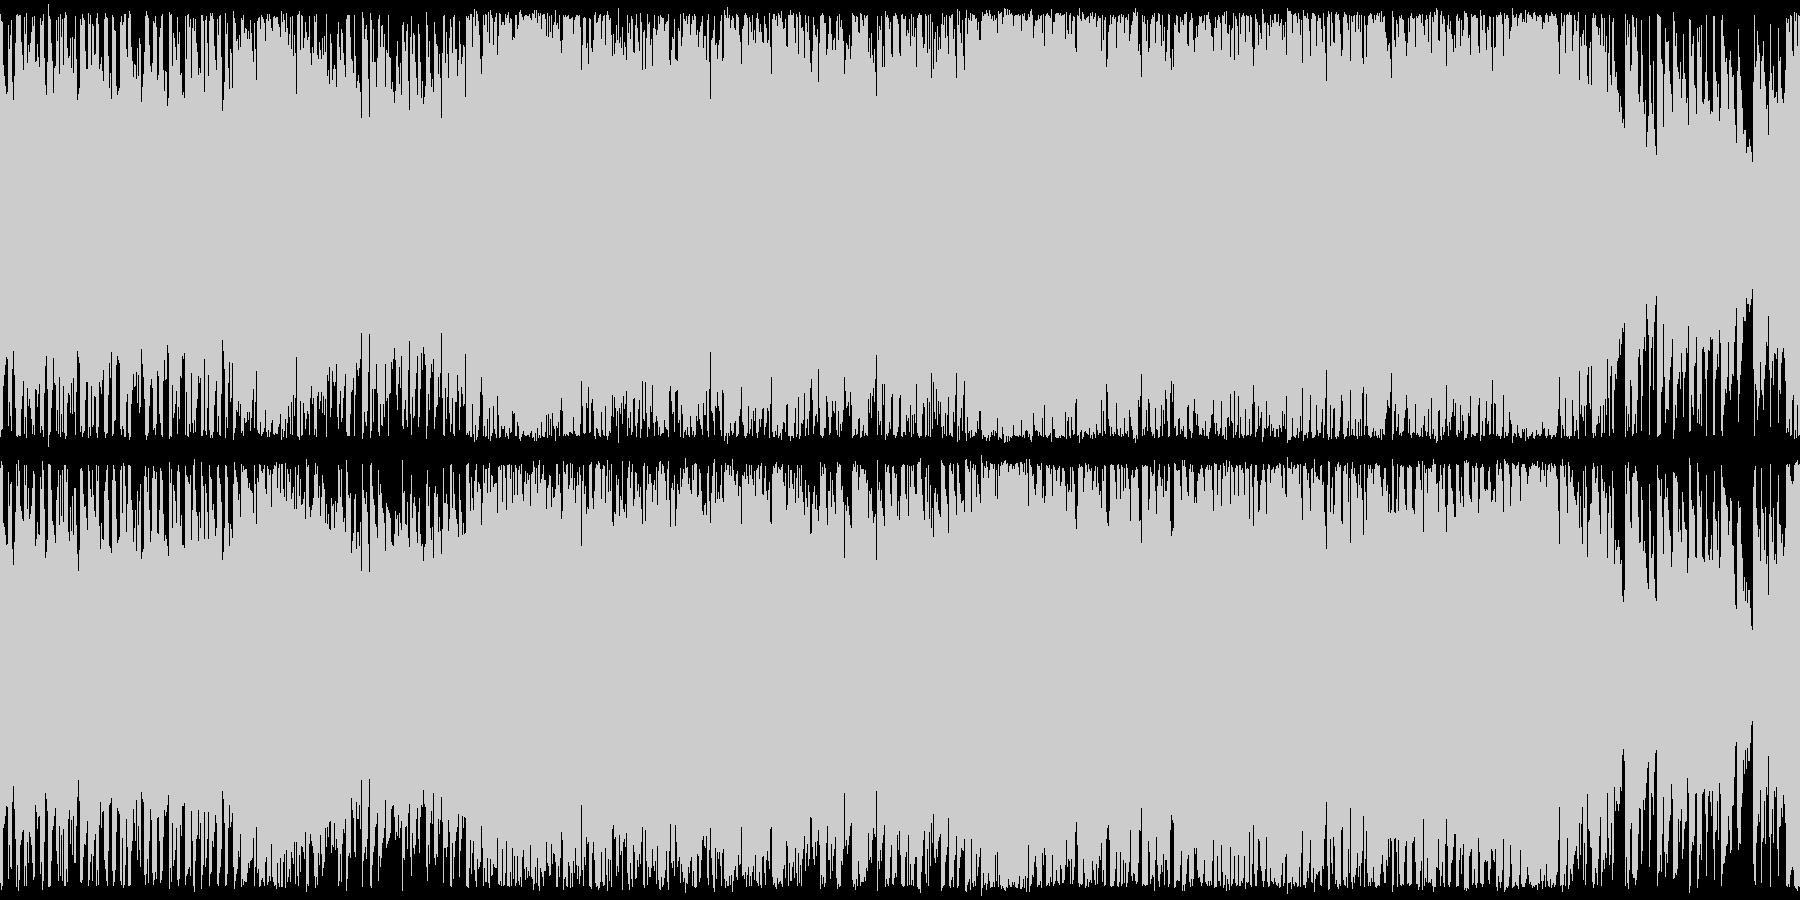 ループ,激しいRPGバトルの未再生の波形